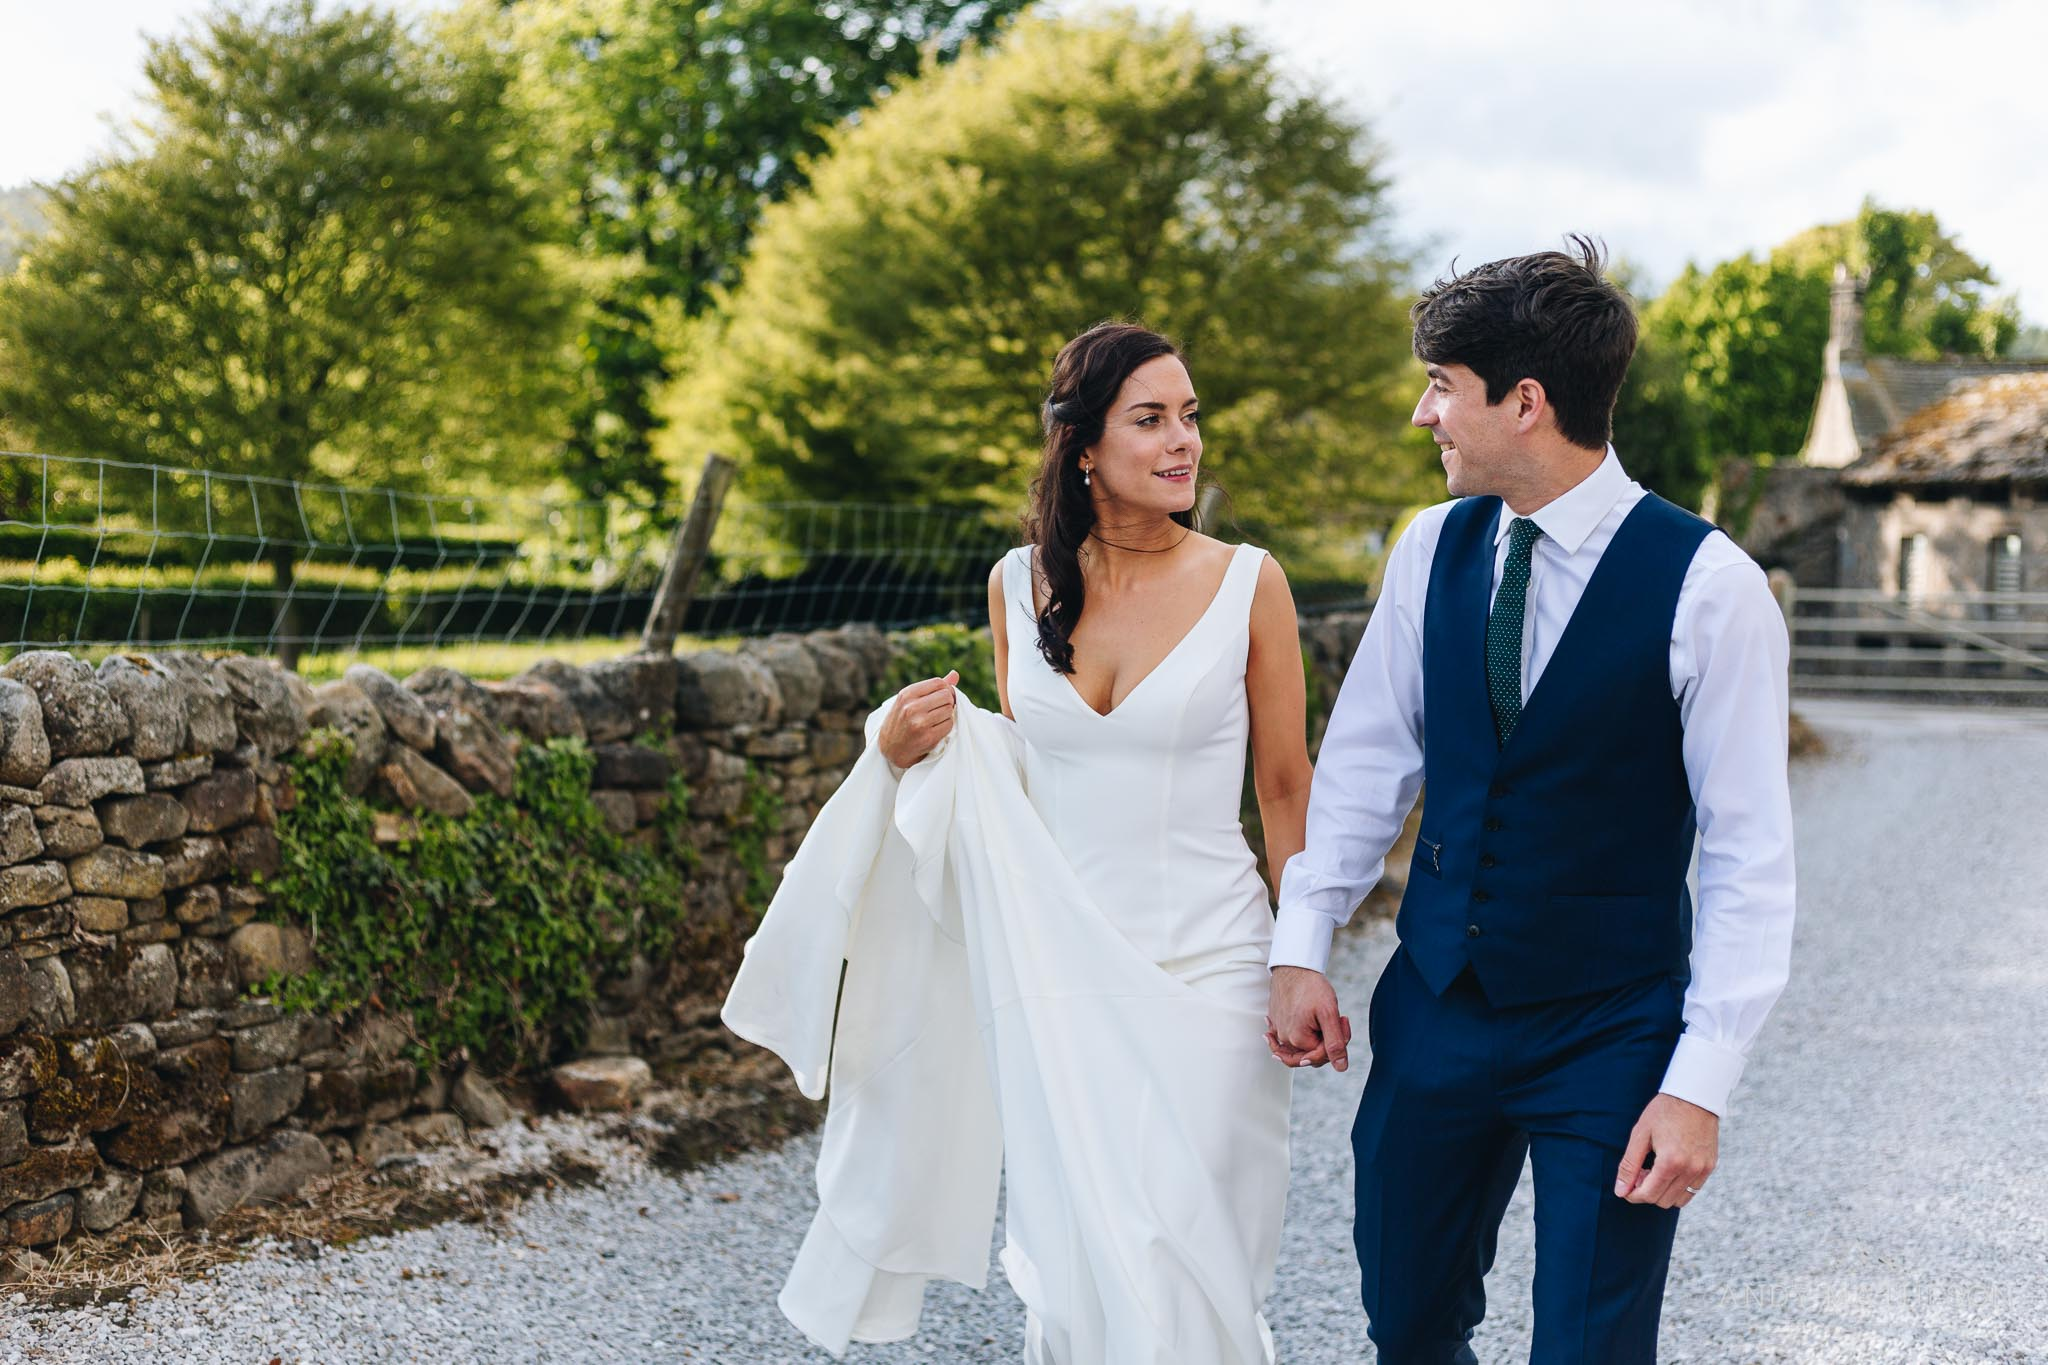 Tithe Barn Bolton Abbey Wedding Photographer_Andy Matheson_066.jpg